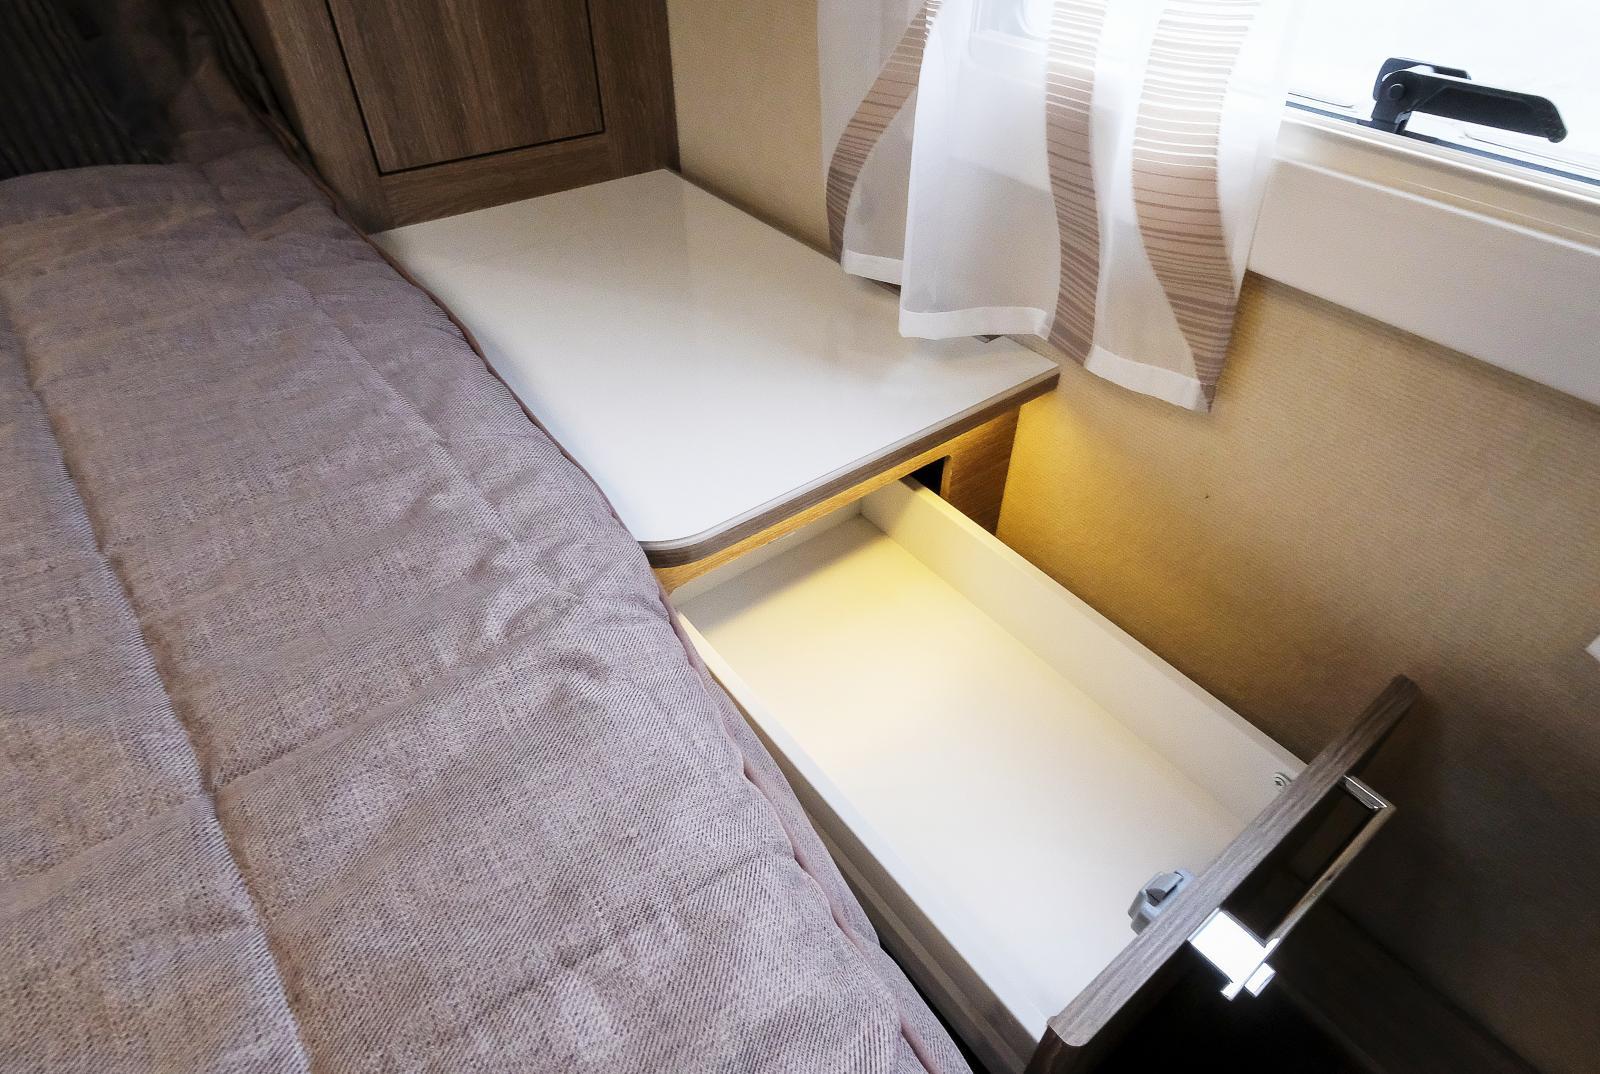 Bra utnyttjande av sängborden med utdragslådor.